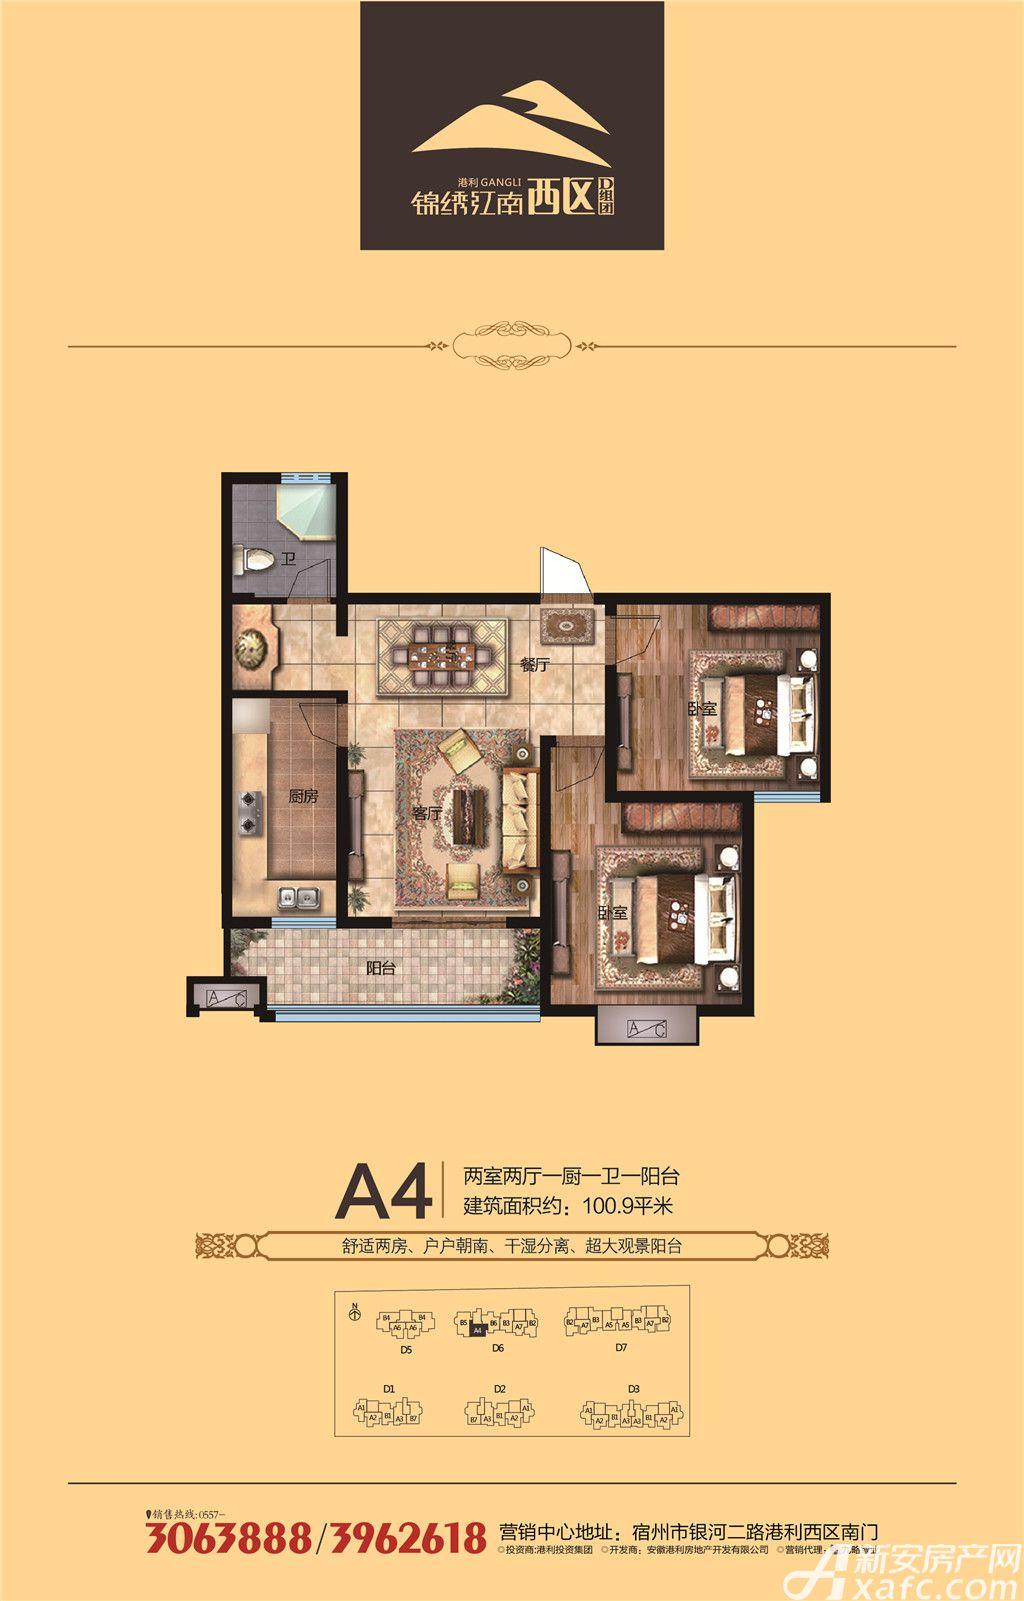 港利锦绣江南A4户型2室2厅100.9平米